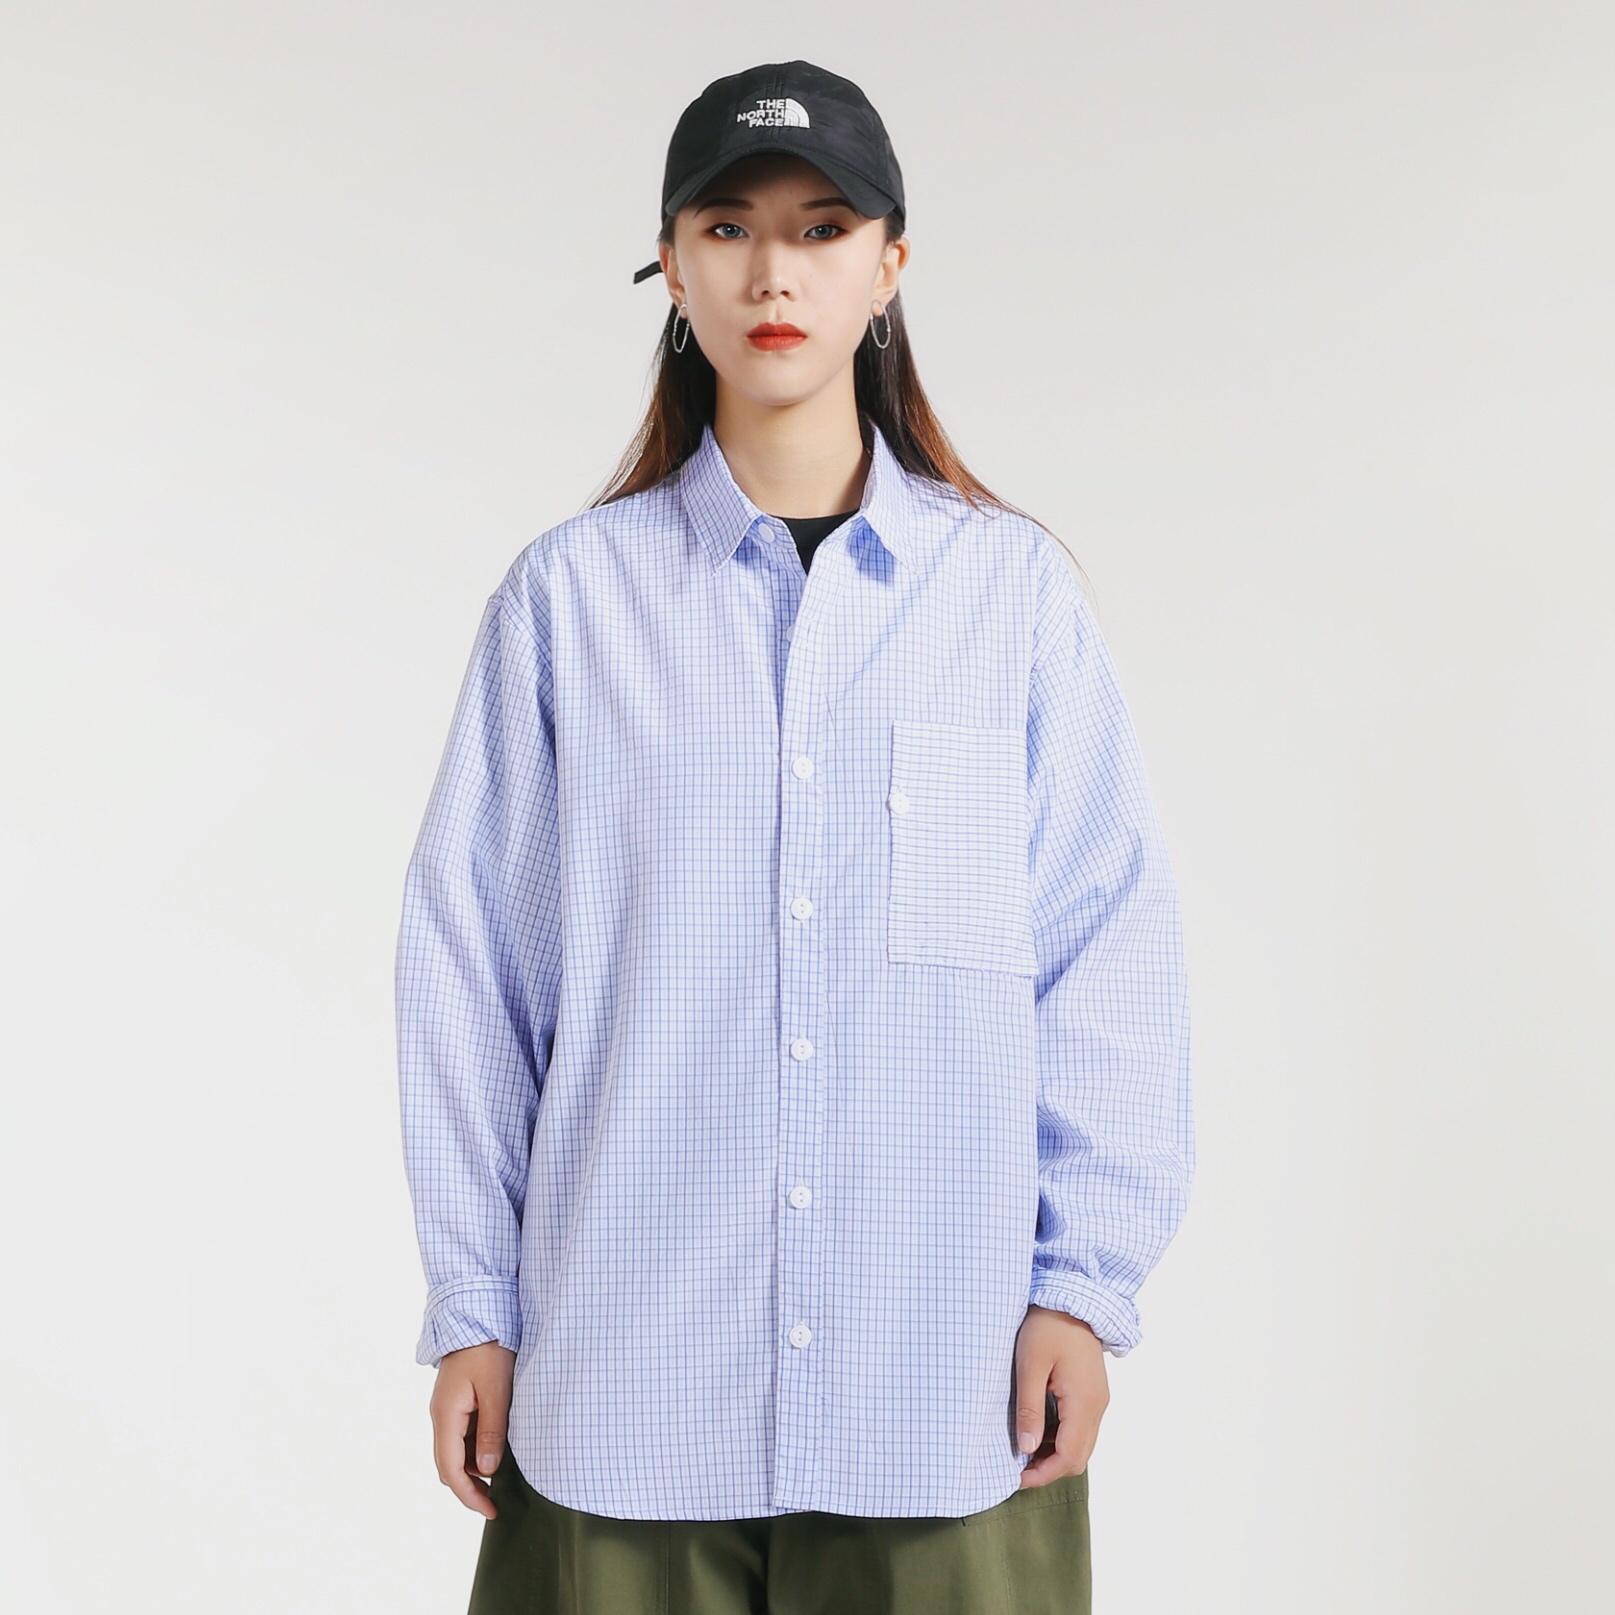 格子衬衫 NIMIPASS Plaid Shirt 20春潮流日系男女中港风文艺长袖格子衬衫_推荐淘宝好看的女格子衬衫